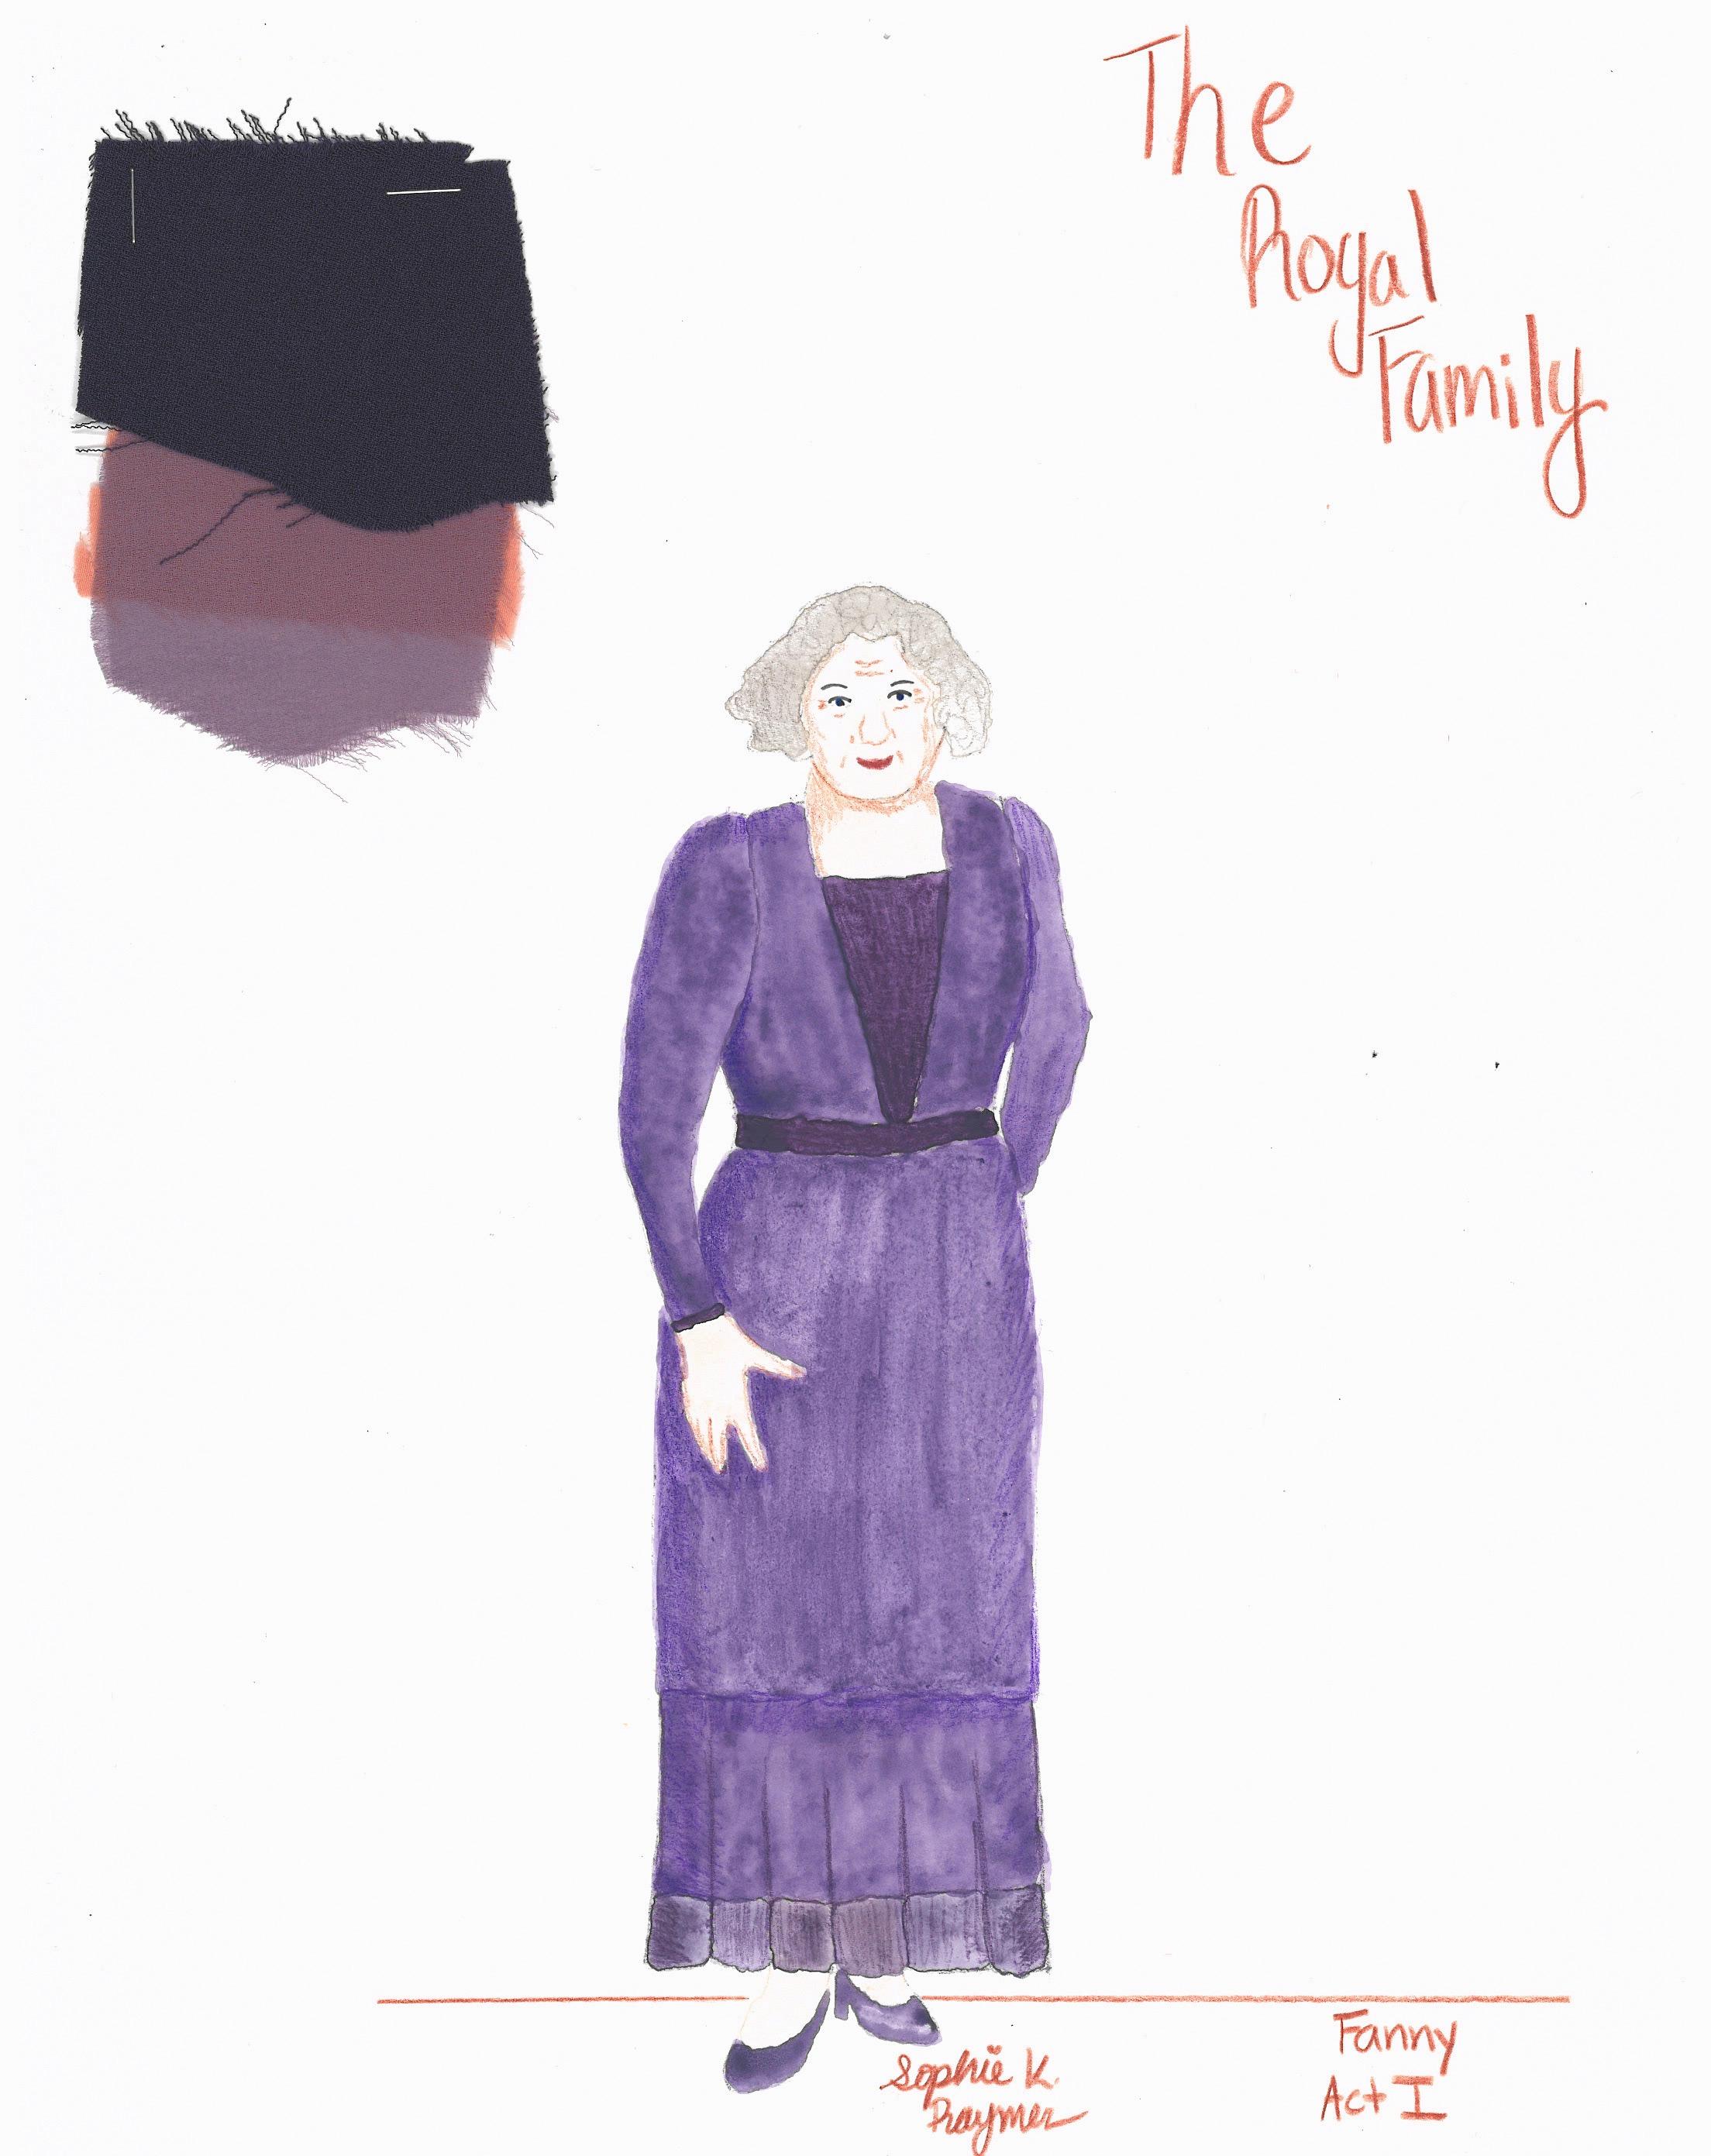 Fanny Act 1.jpg